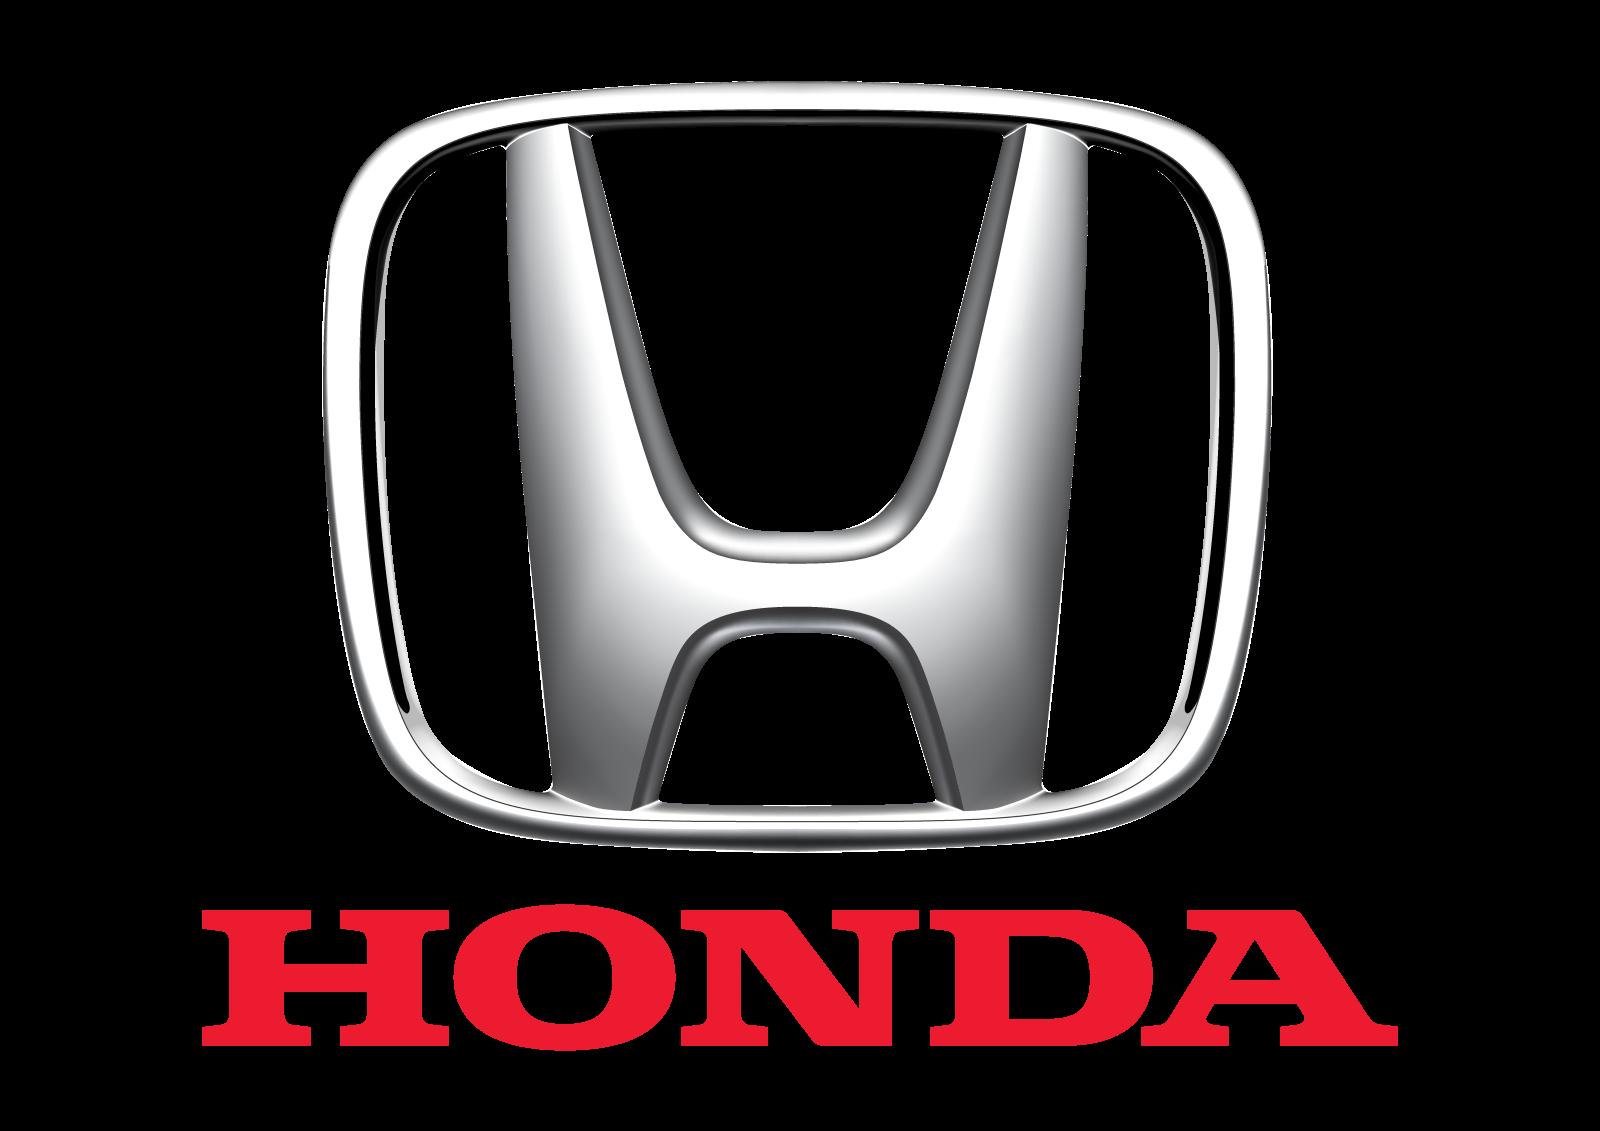 honda carros logo 2 - Honda Autos Logo